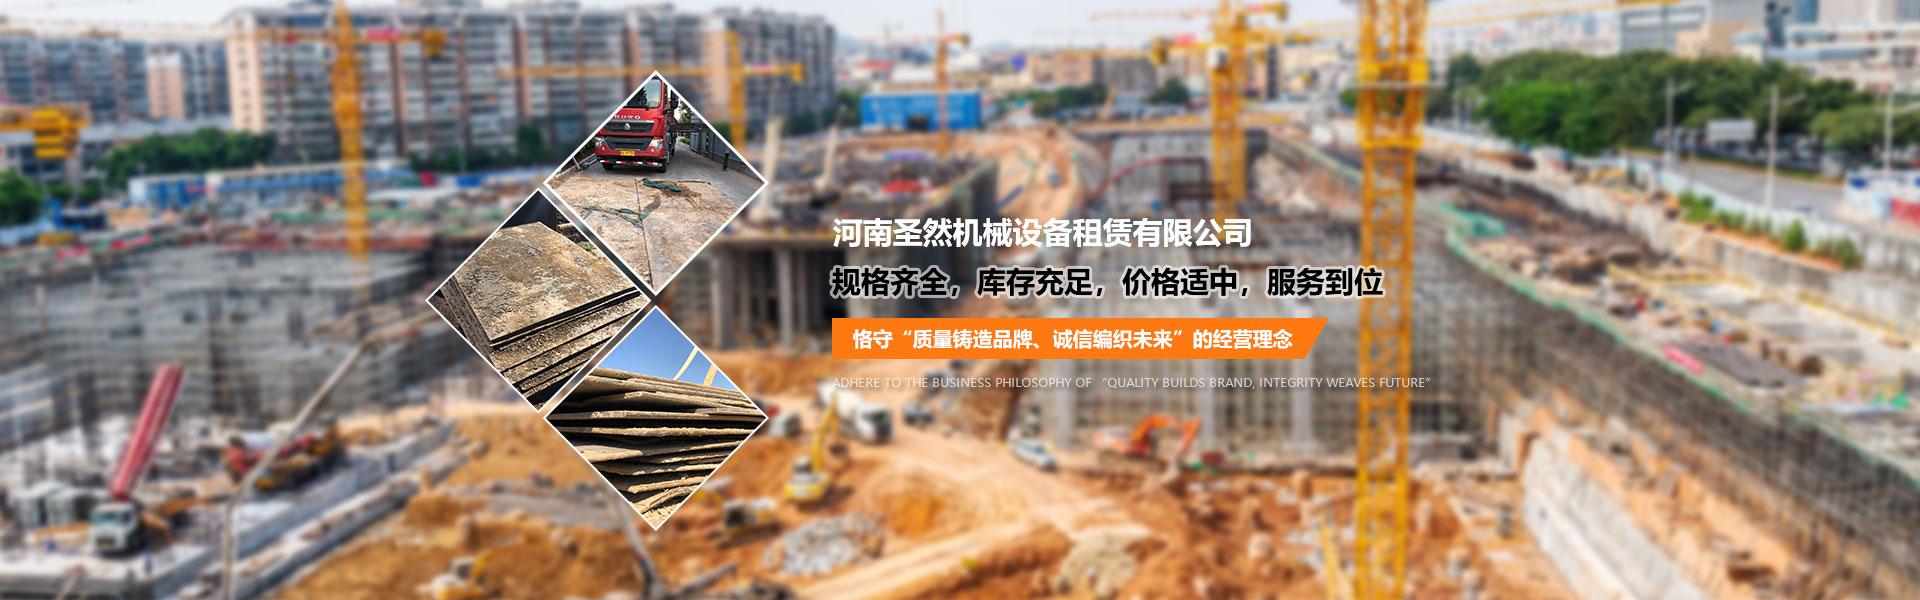 郑州铺地钢板租赁